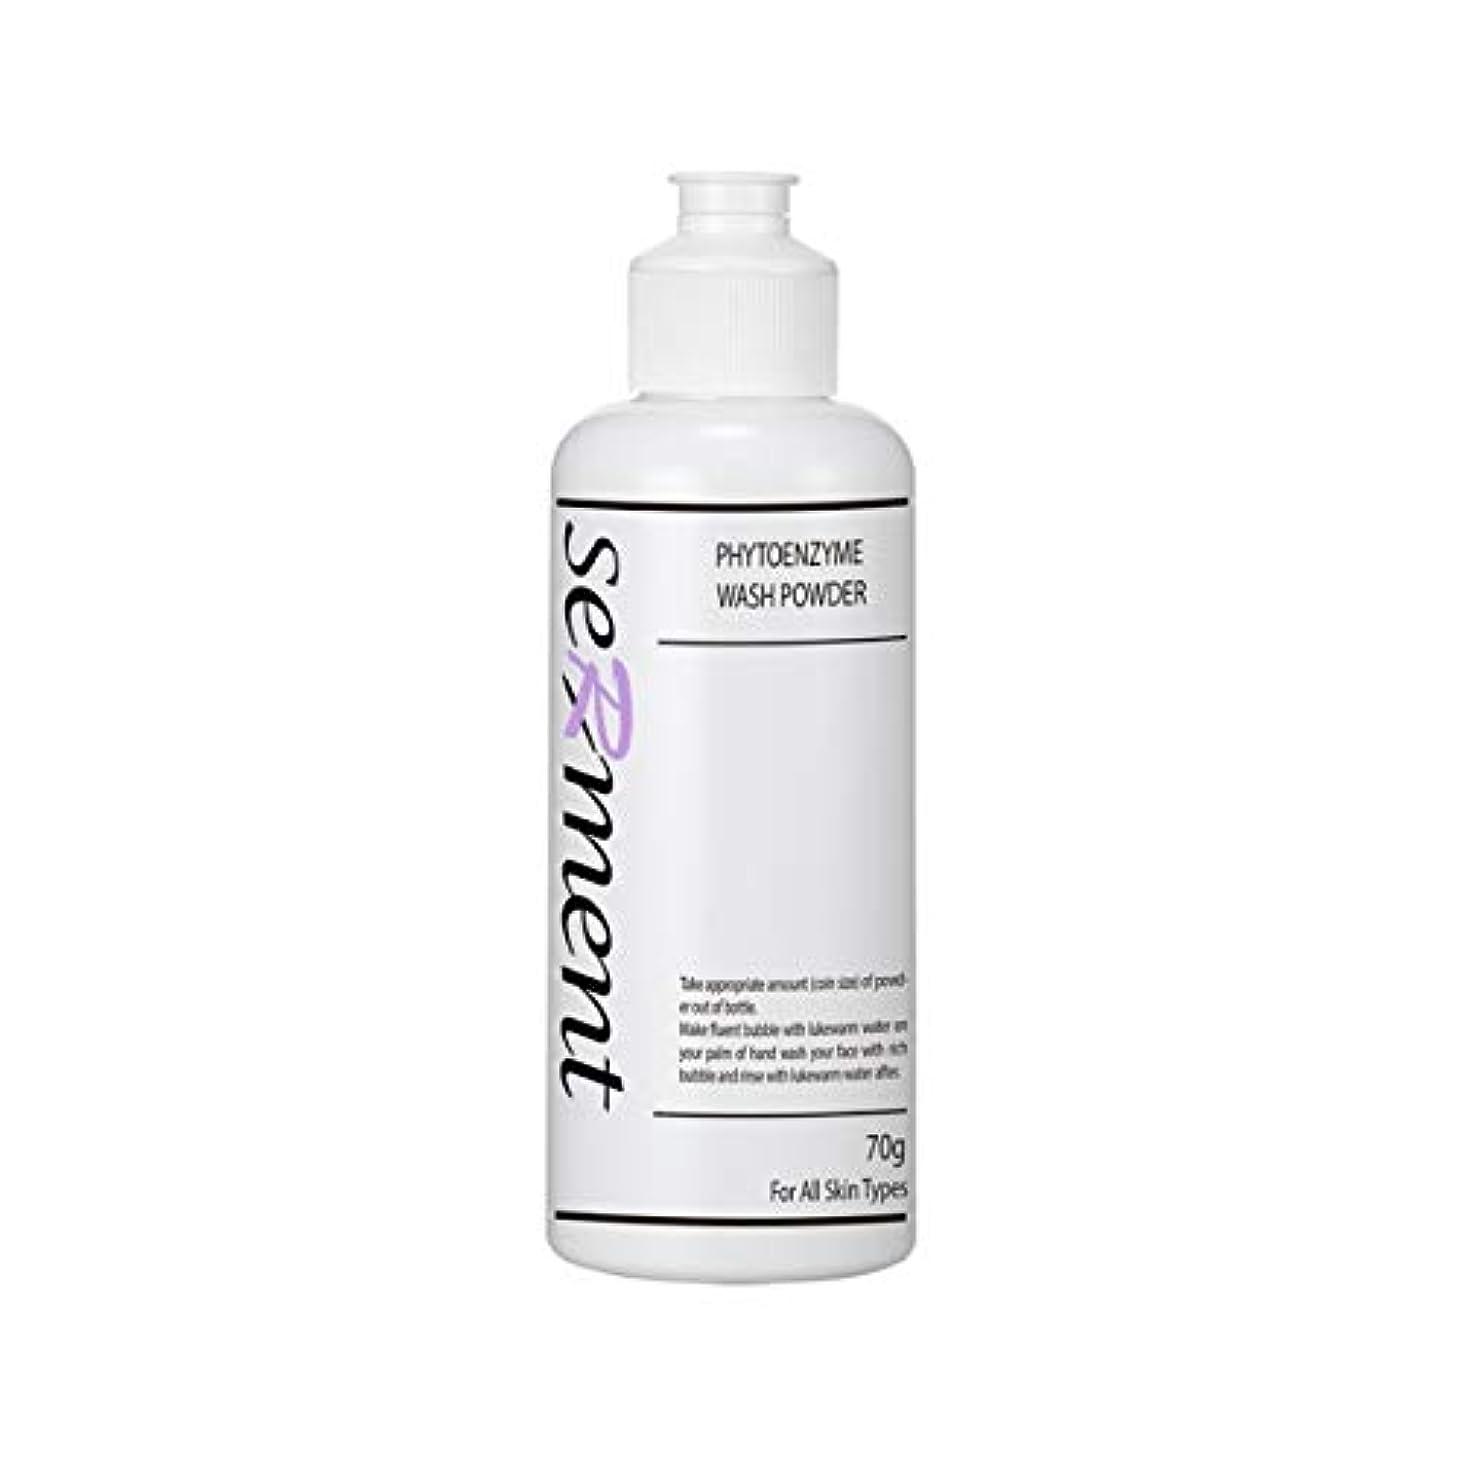 鼻出会い教科書[Serment] Korean Cosmetics Serment Enzyme Acne Face Wash Powder 70g Cleanser, Exfoliation Hypoallergenic cleanser...